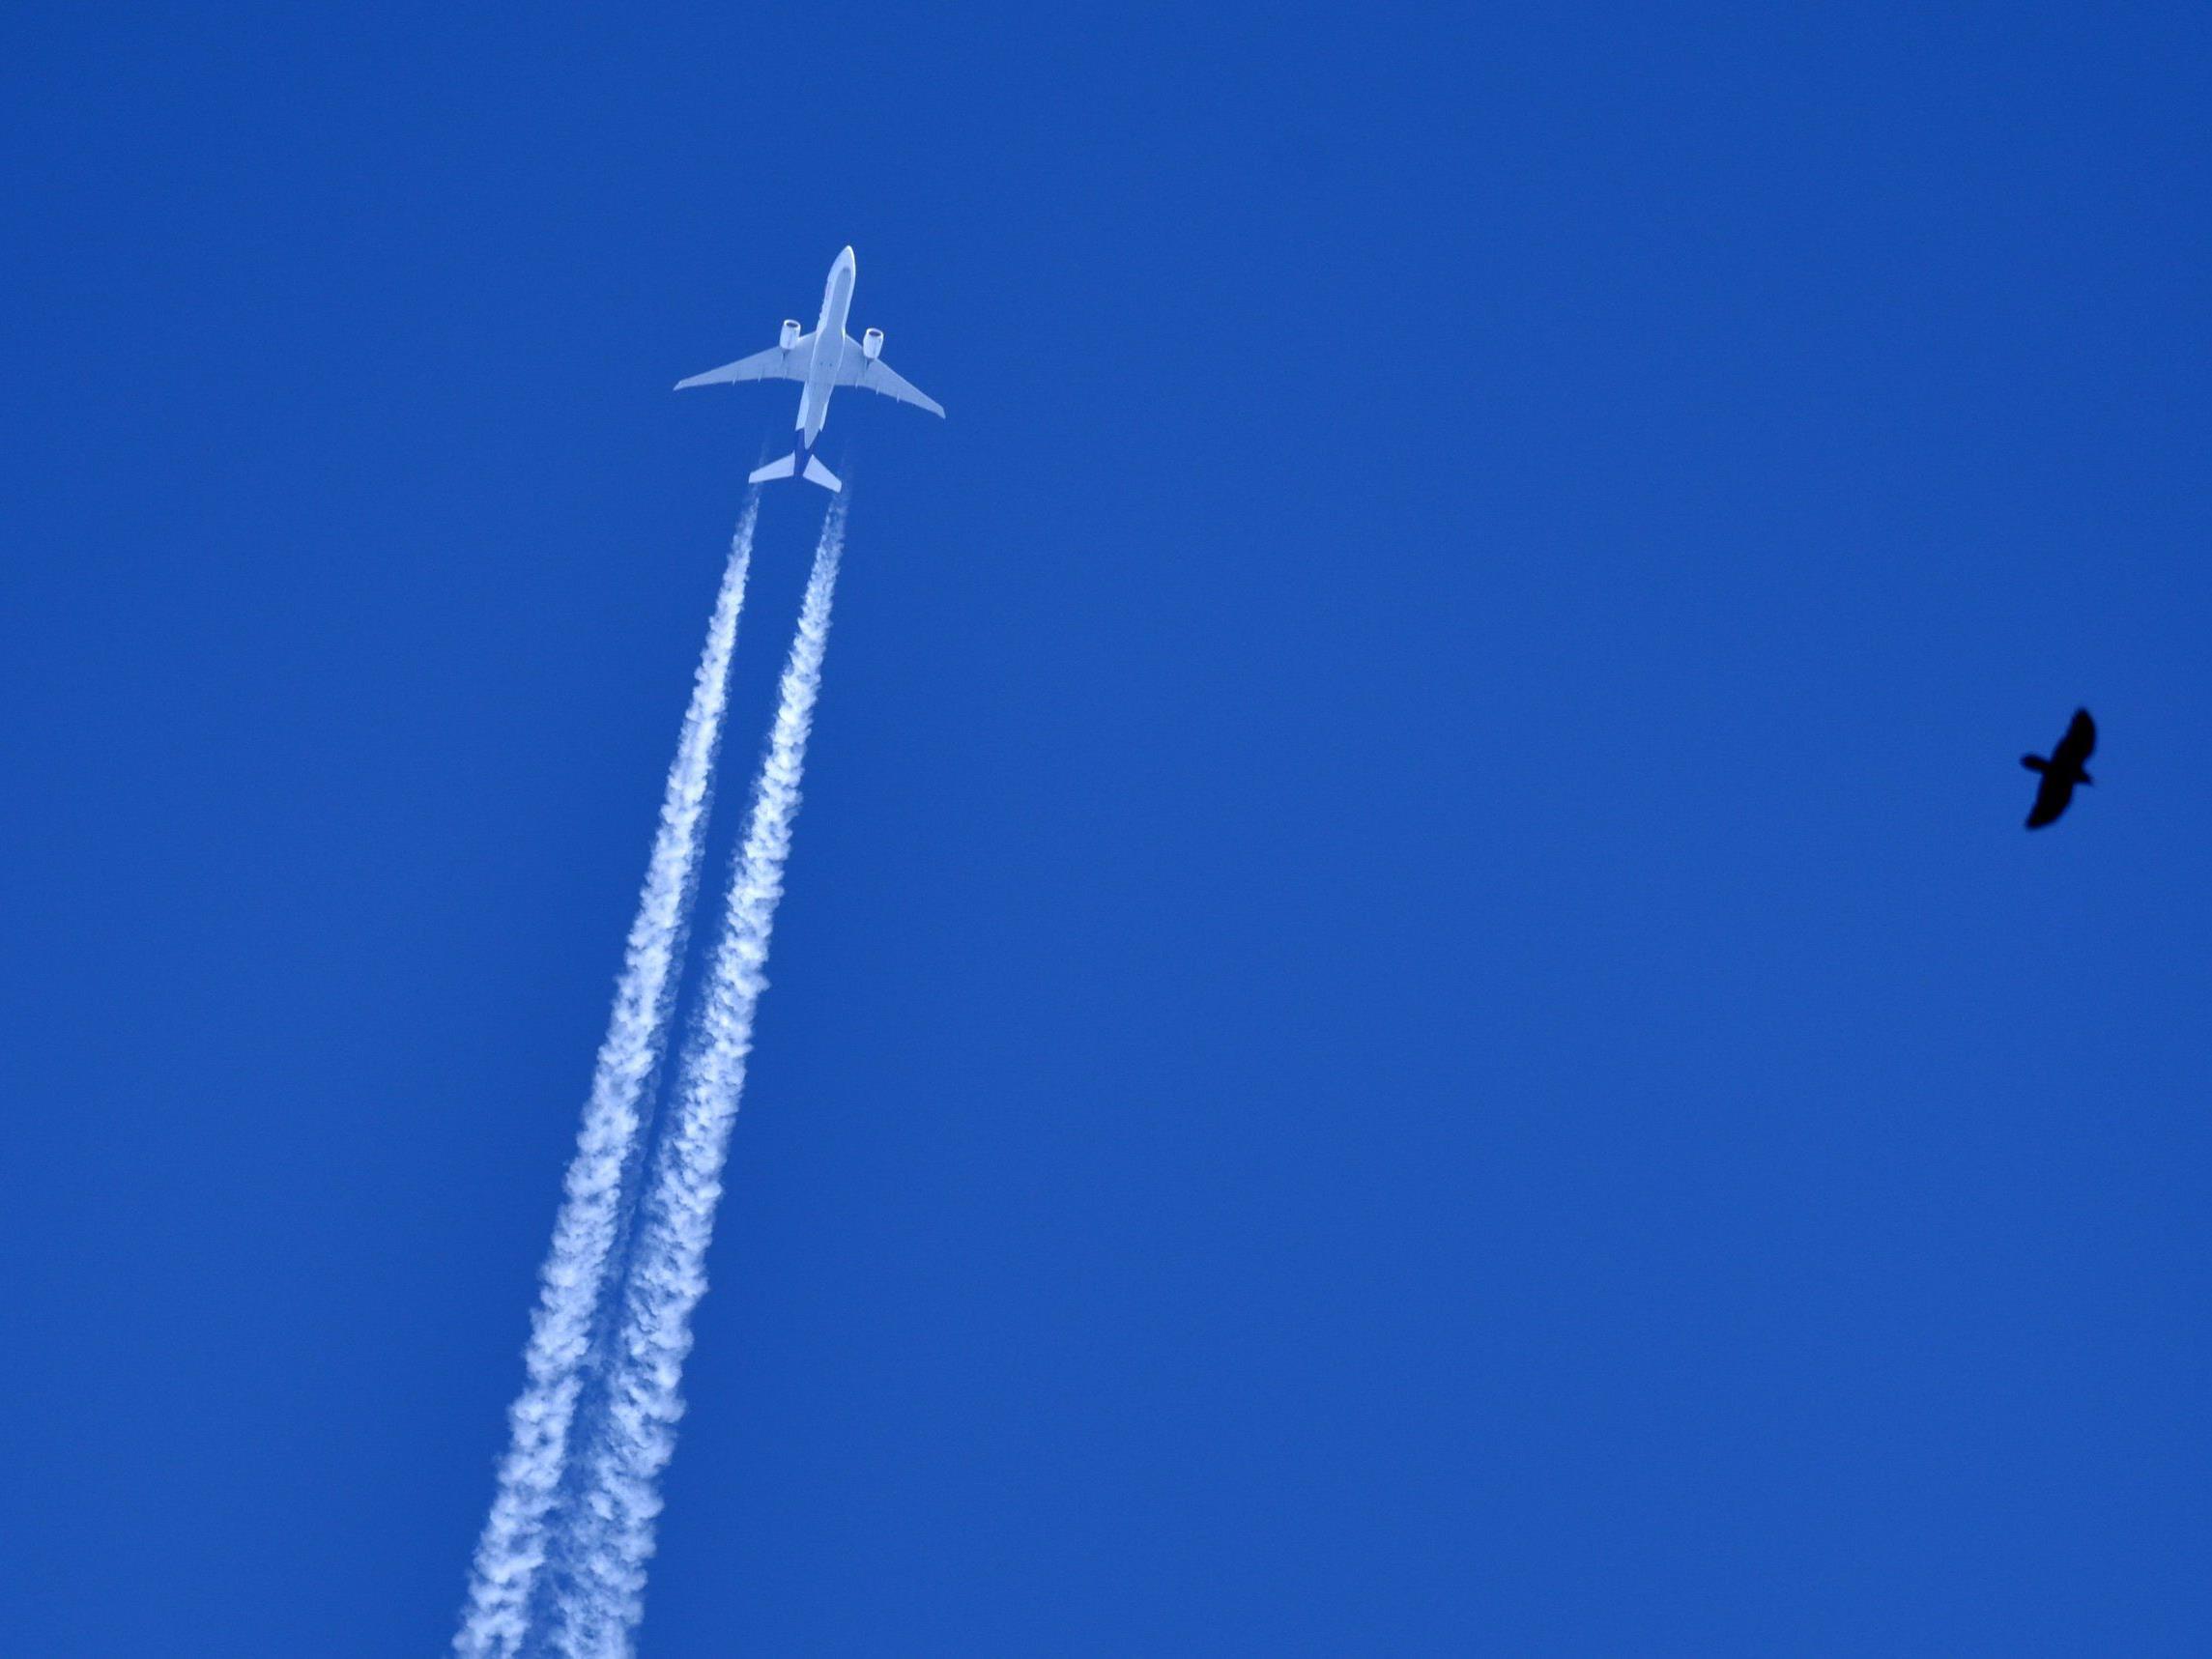 Kondensstreifen von Flugzeugen sind Ursache von Verschwörungstheorien.